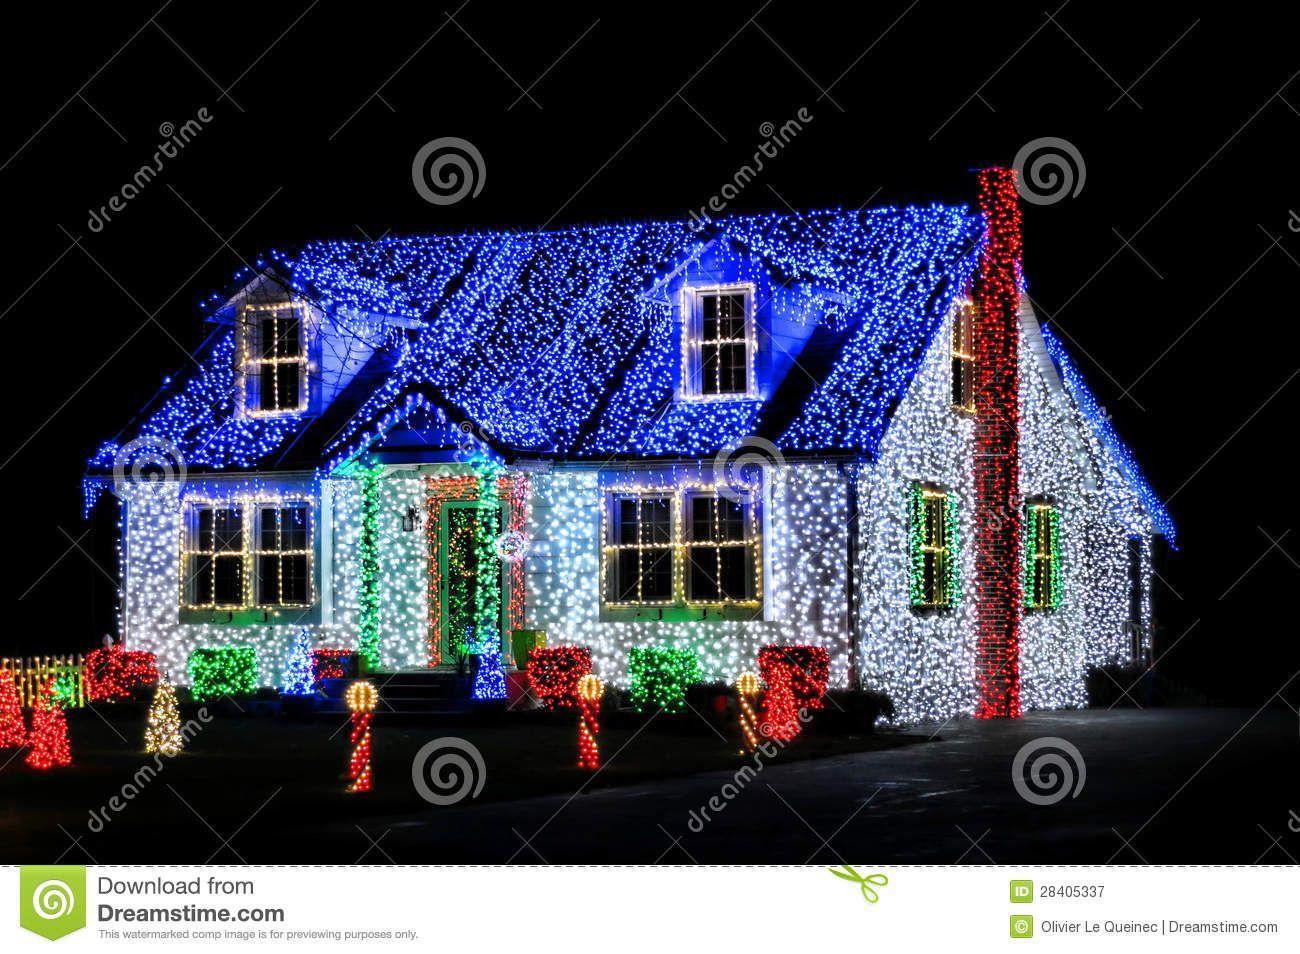 Christmas Lights Show Display House Night 28405337 Jpg 1300 954 New Christmas Lights Christmas House Lights Exterior Christmas Lights